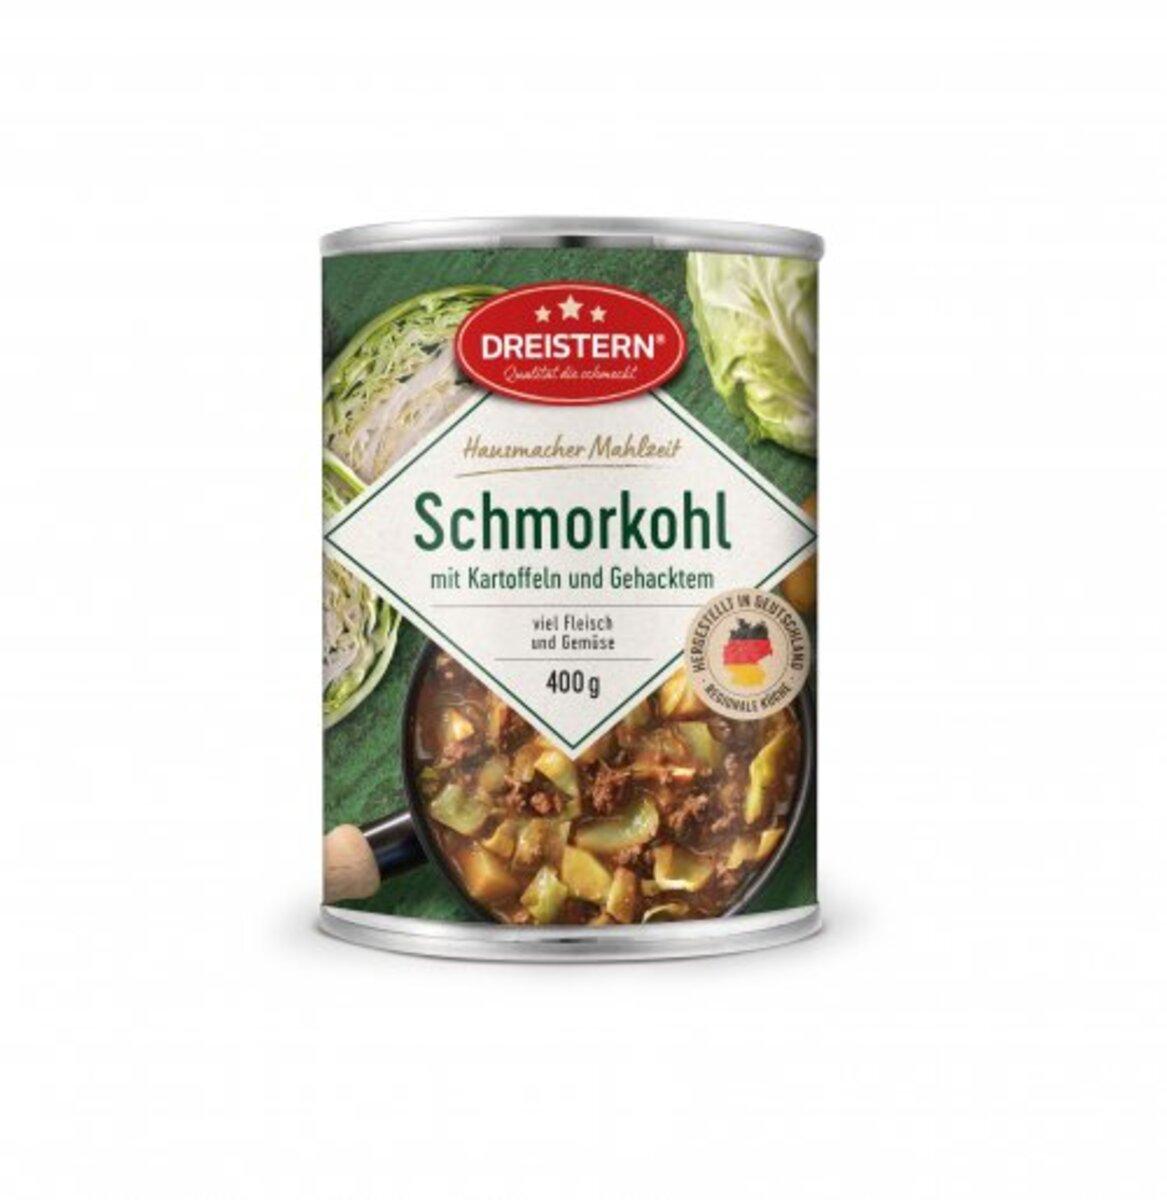 Bild 4 von Suppen und Eintöpfe